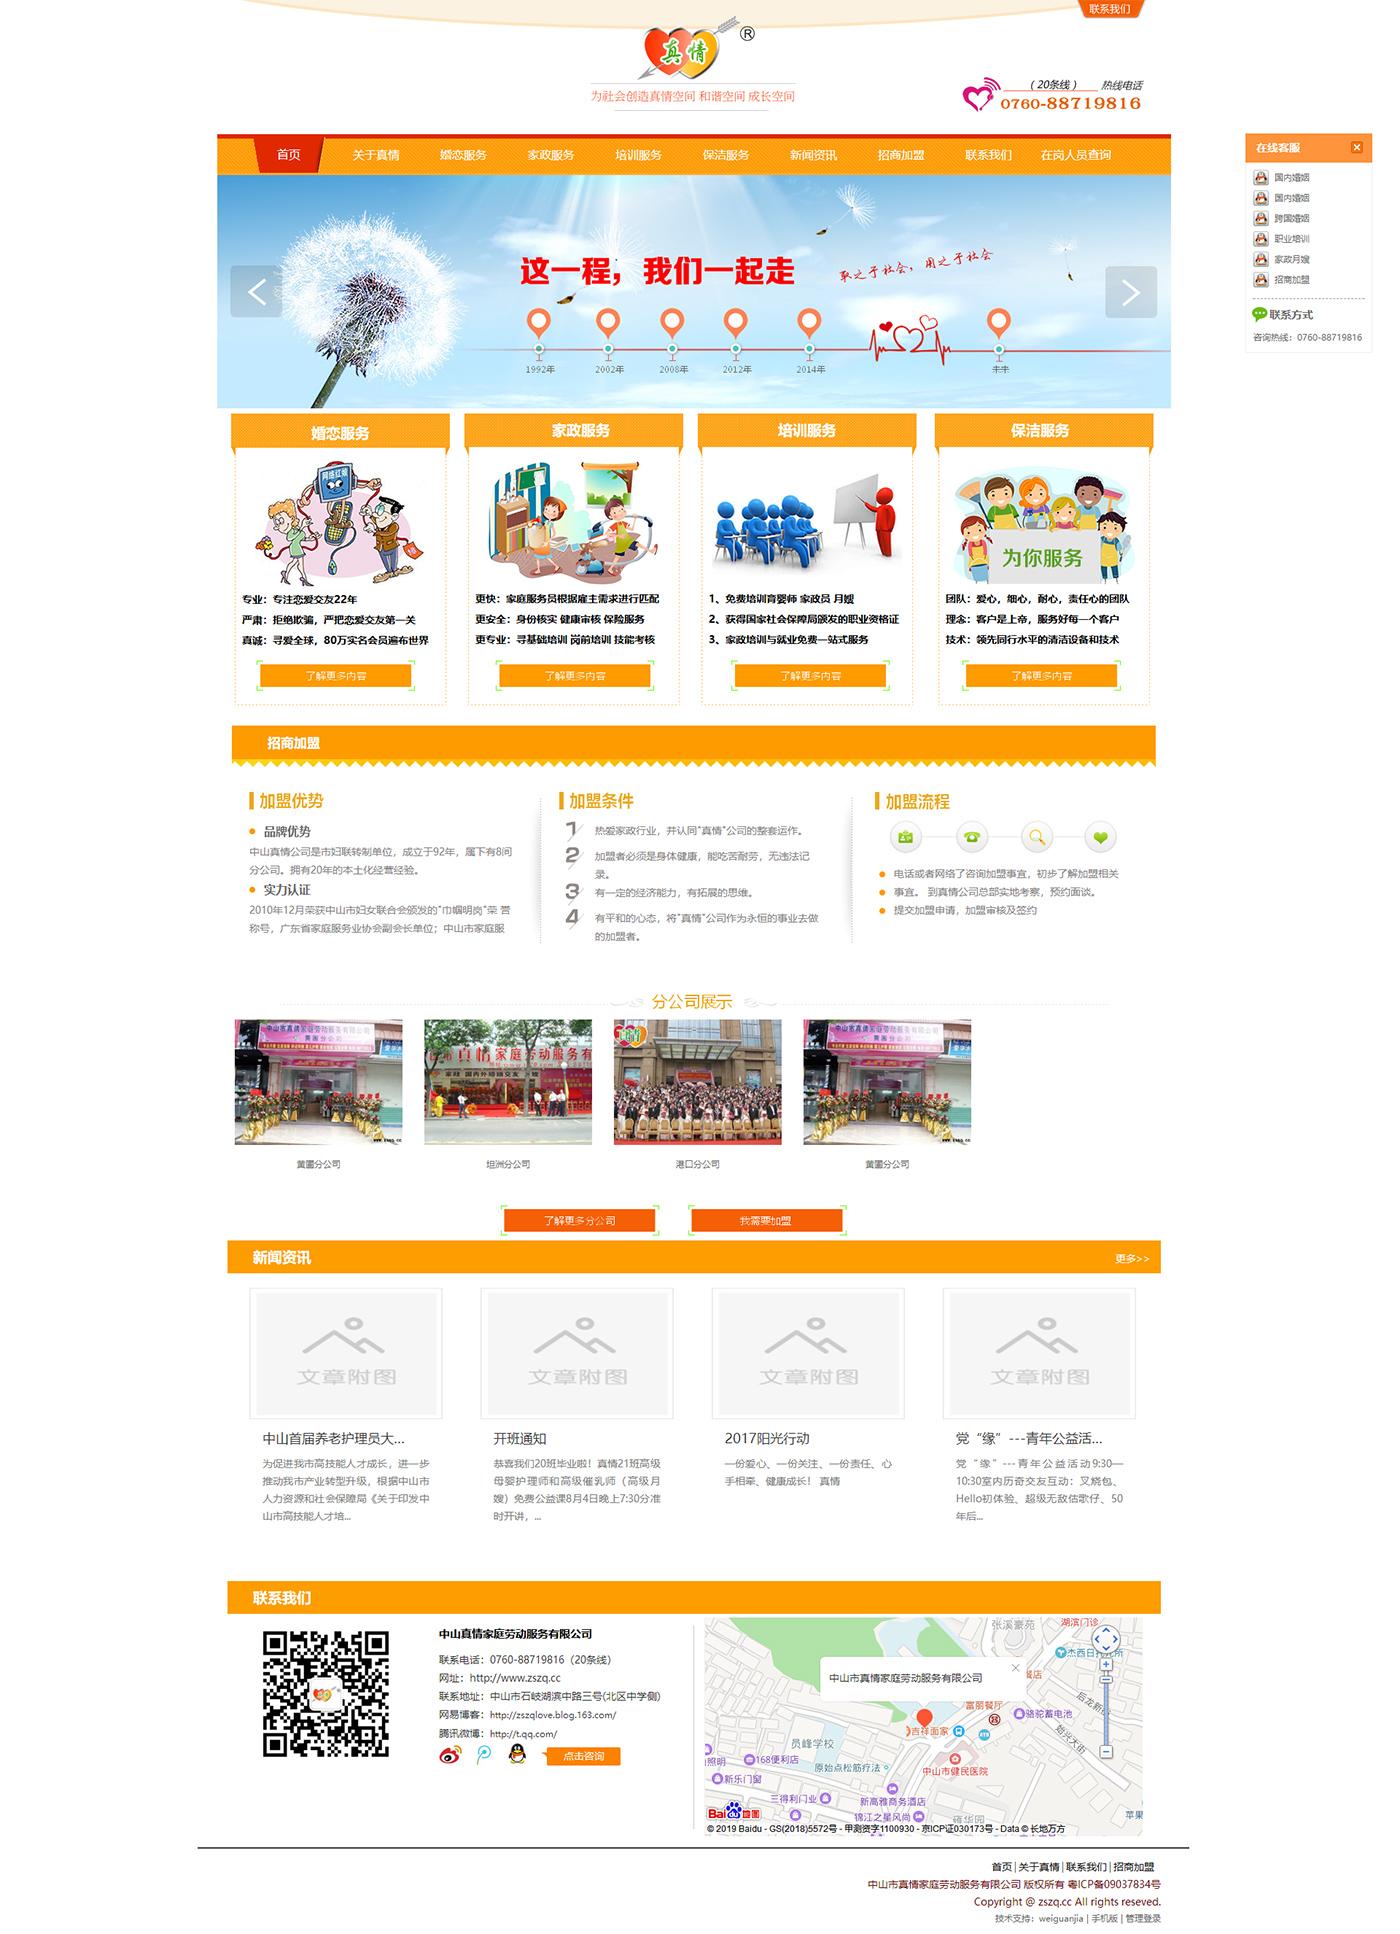 中山真情家庭劳动服务有限公司网站建设案例